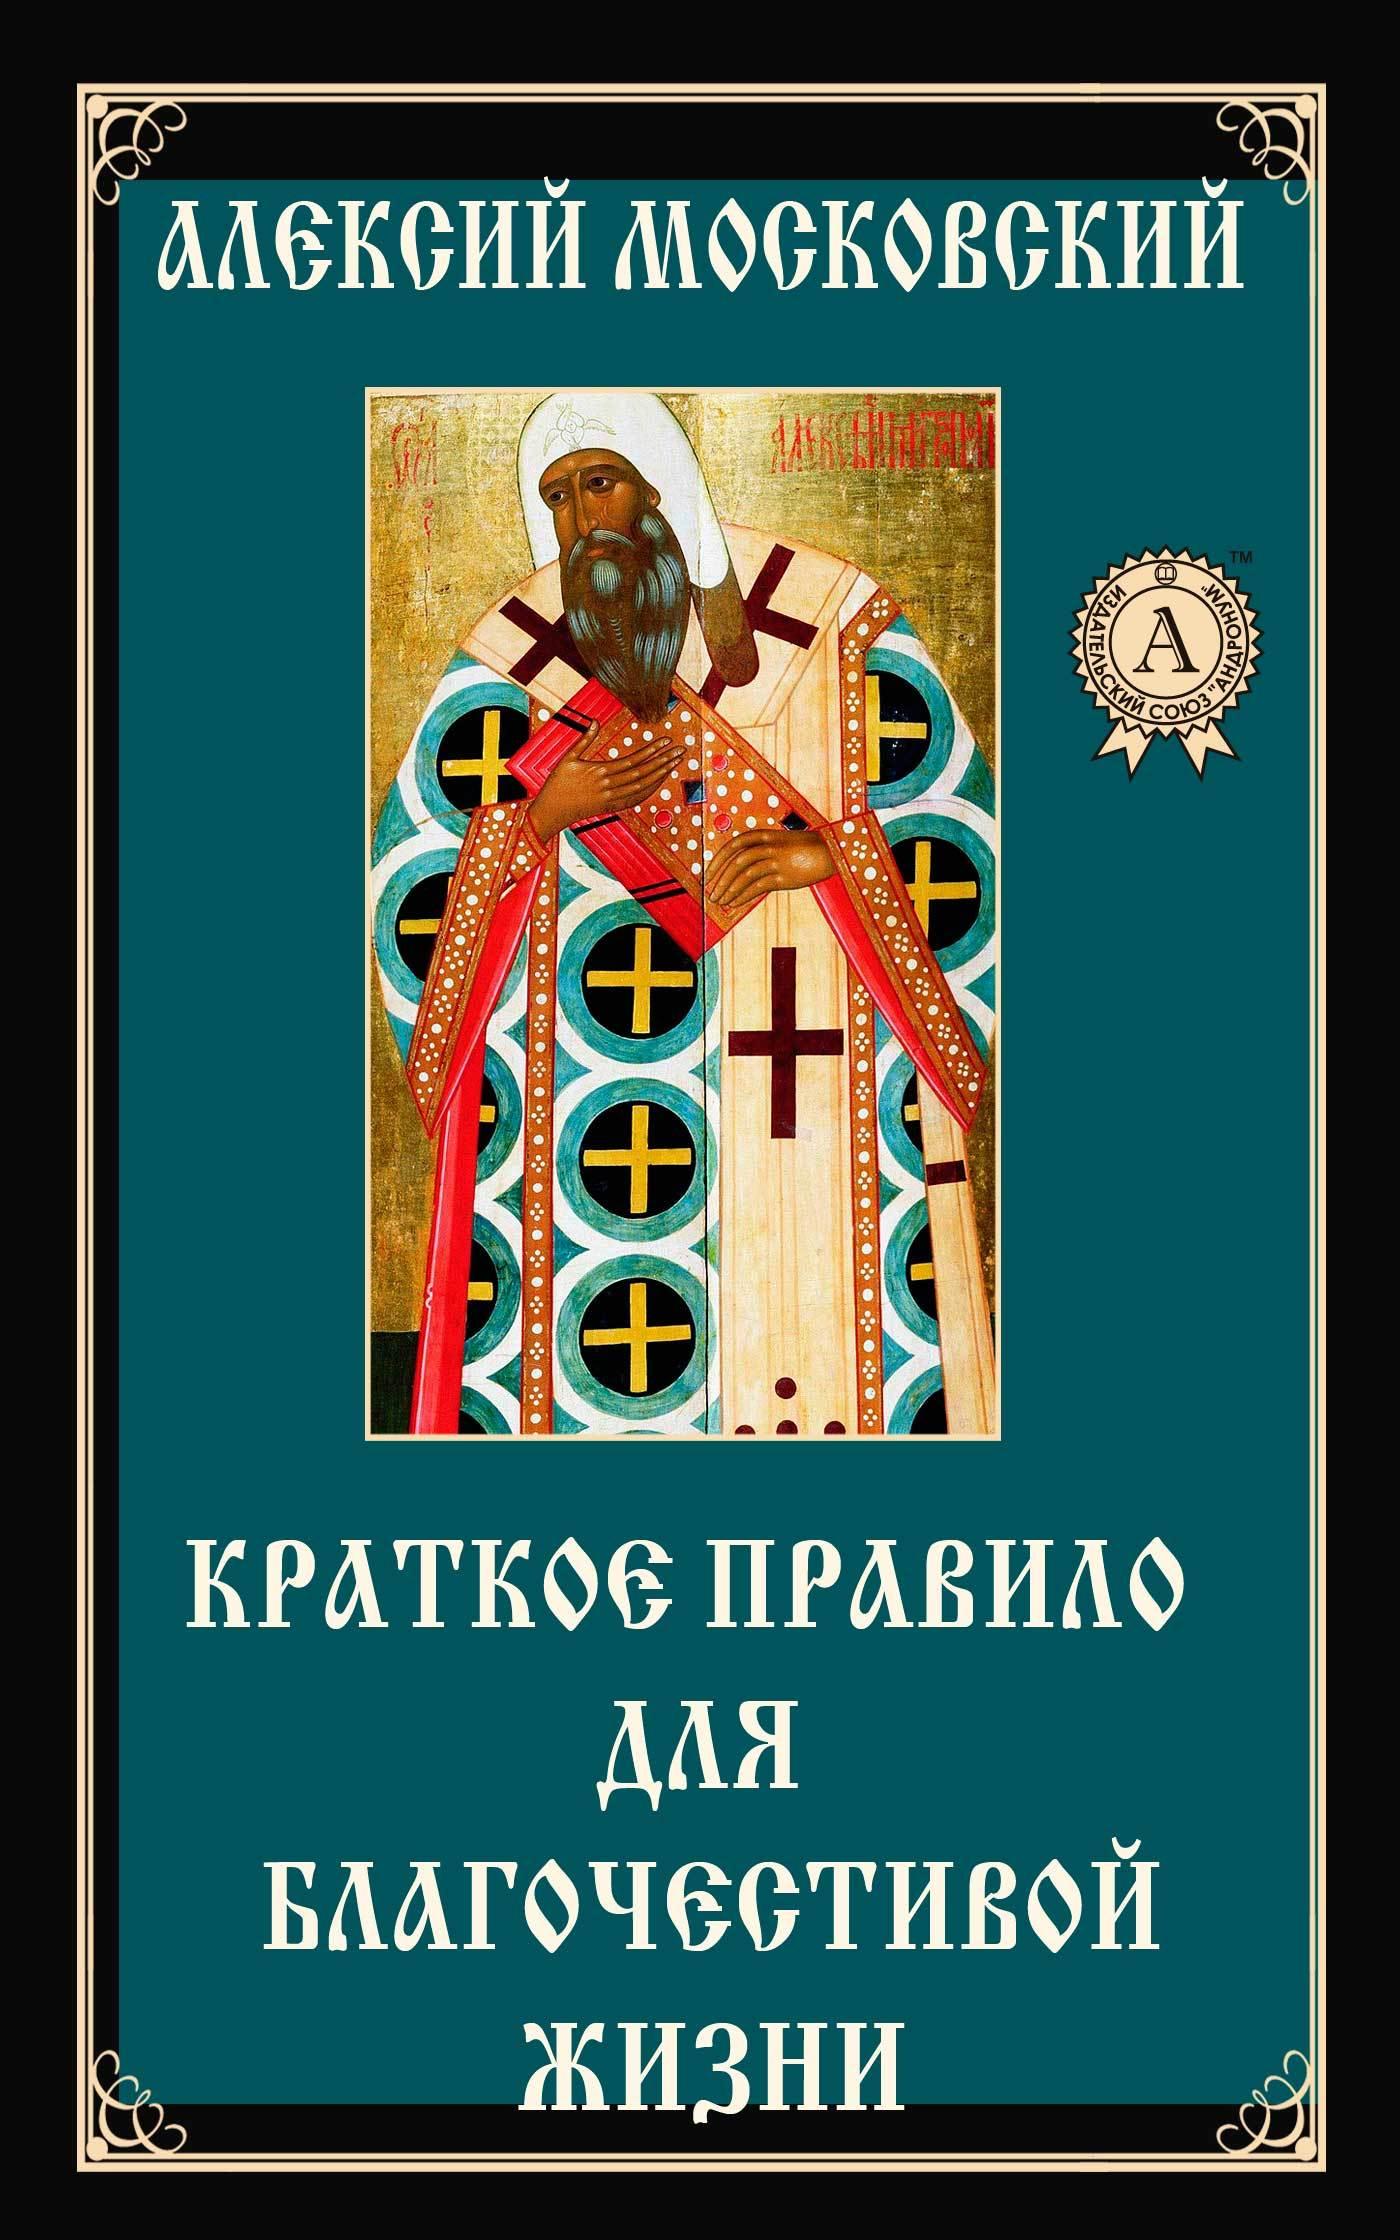 Алексий Московский Святитель Краткое правило для благочестивой жизни